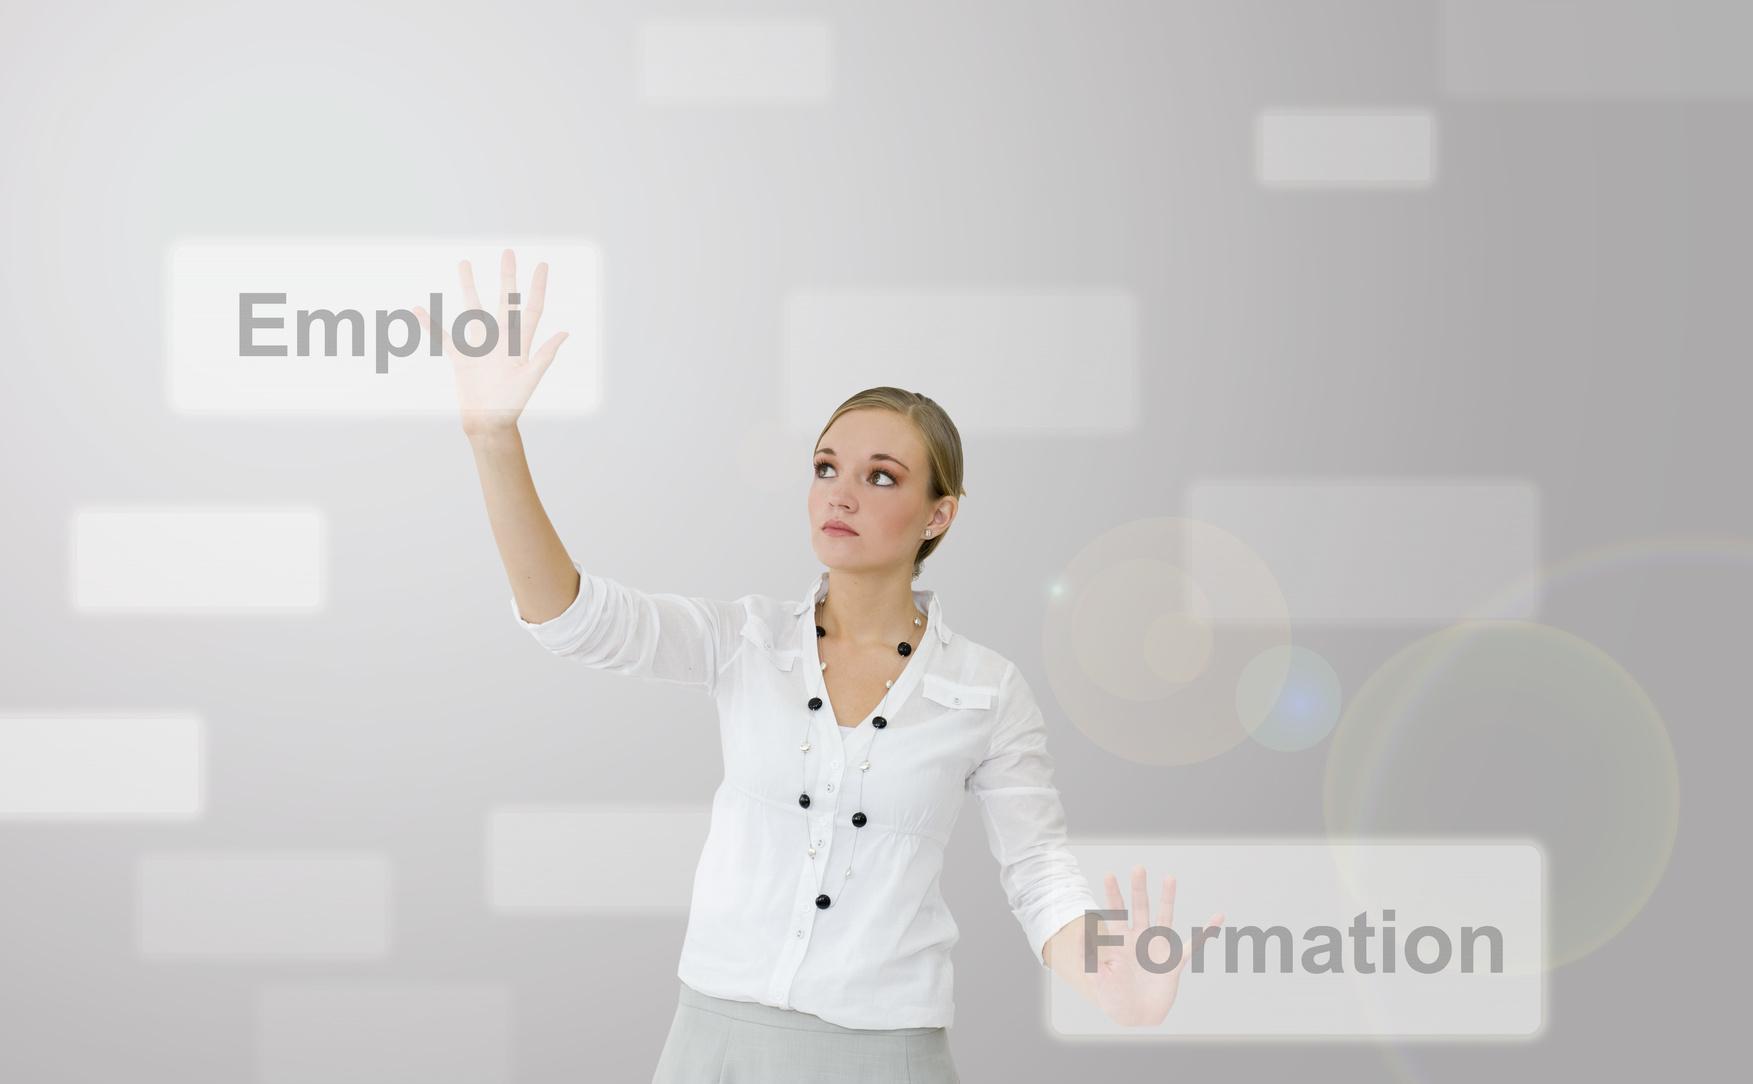 Jeune femme hésitant entre emploi et formation